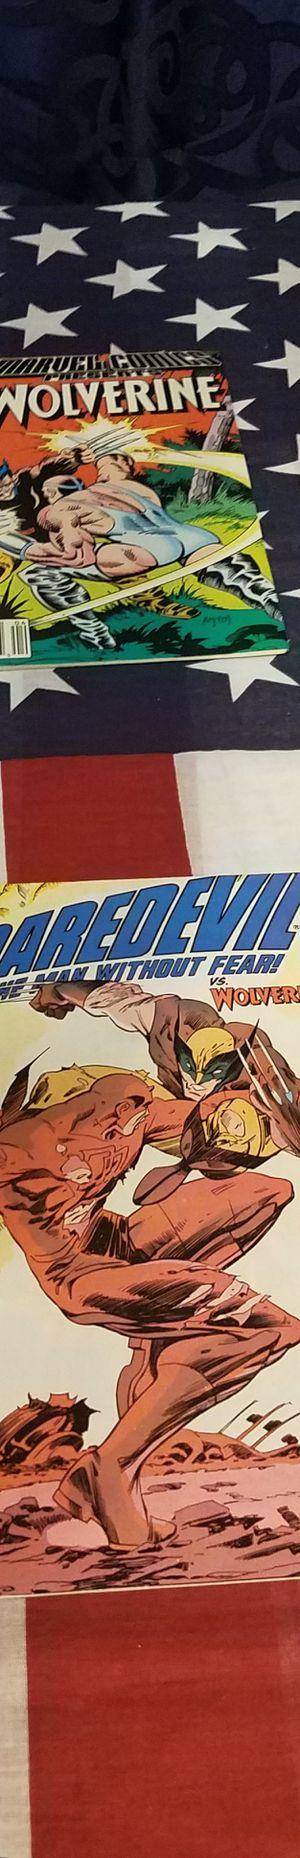 DAREDEVIL & WOLVERINE COMICS for Sale in Pomona, CA